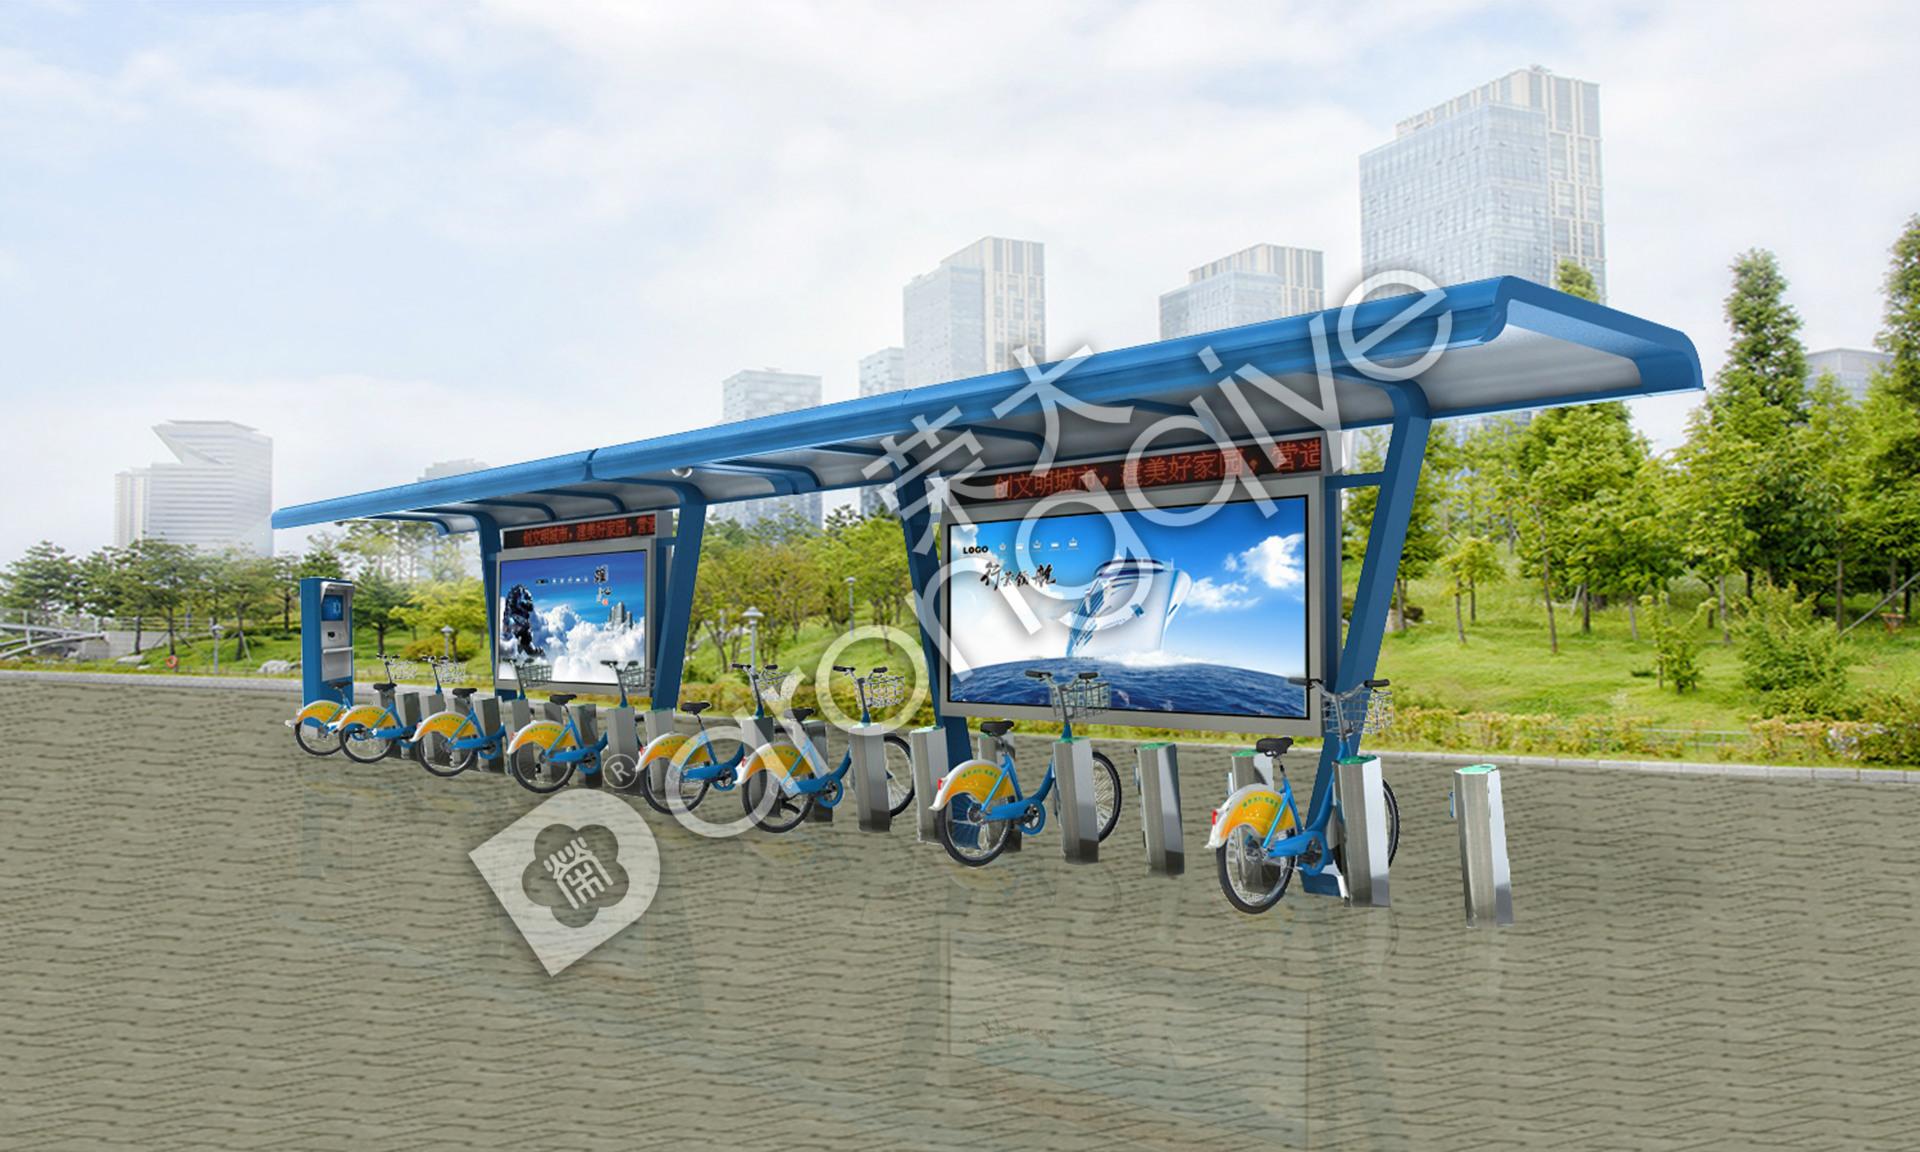 公共自行车棚的保养及制作要点